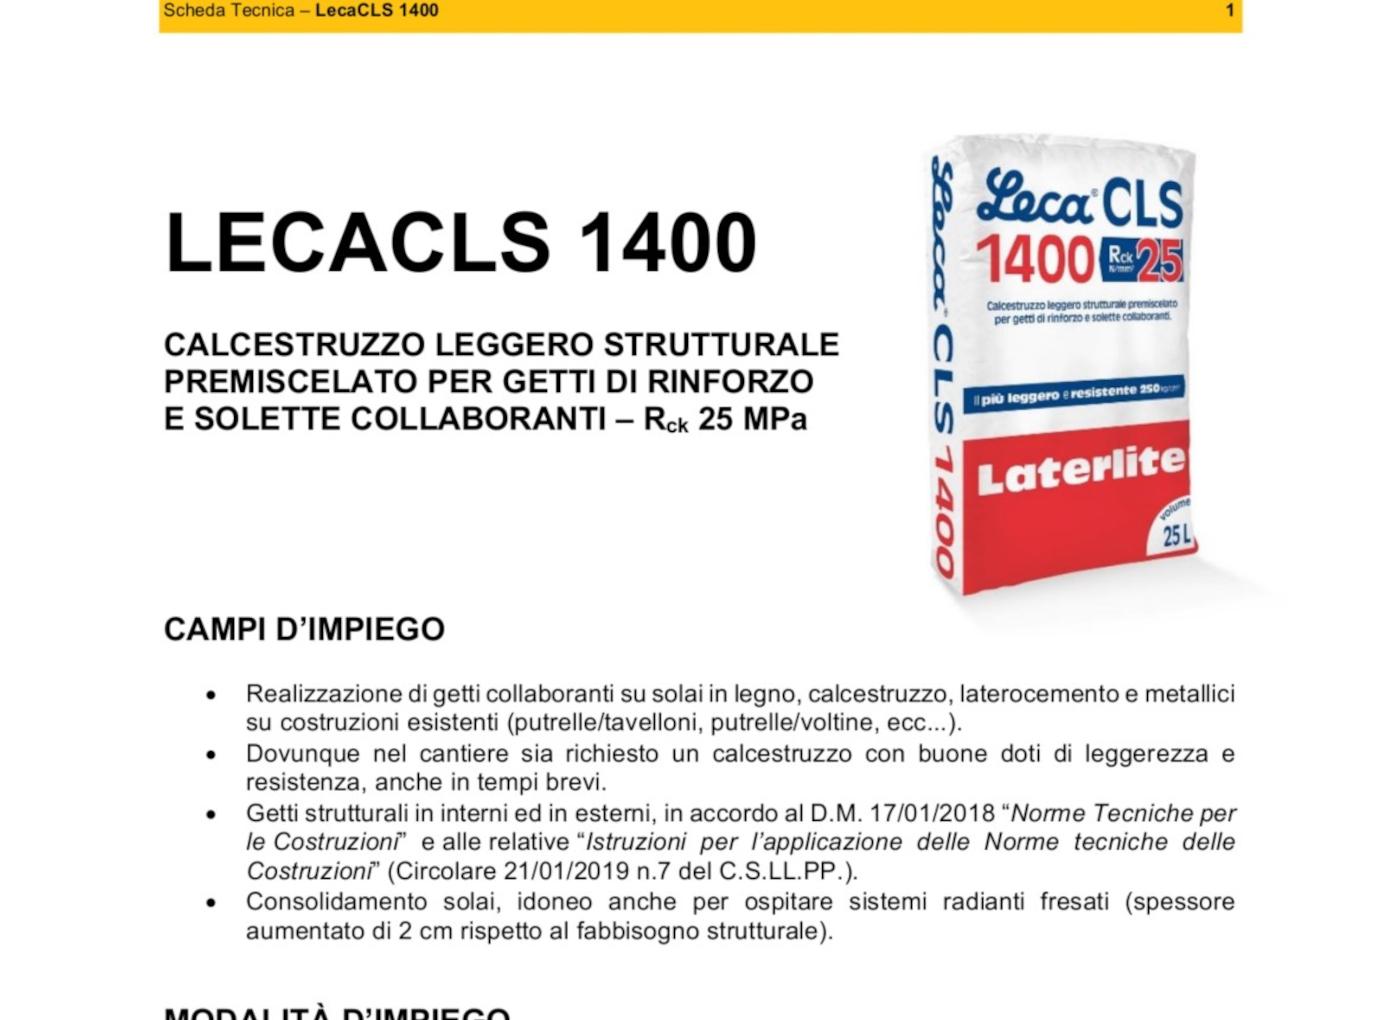 scheda-tecnica-leca-cls-1400-P22